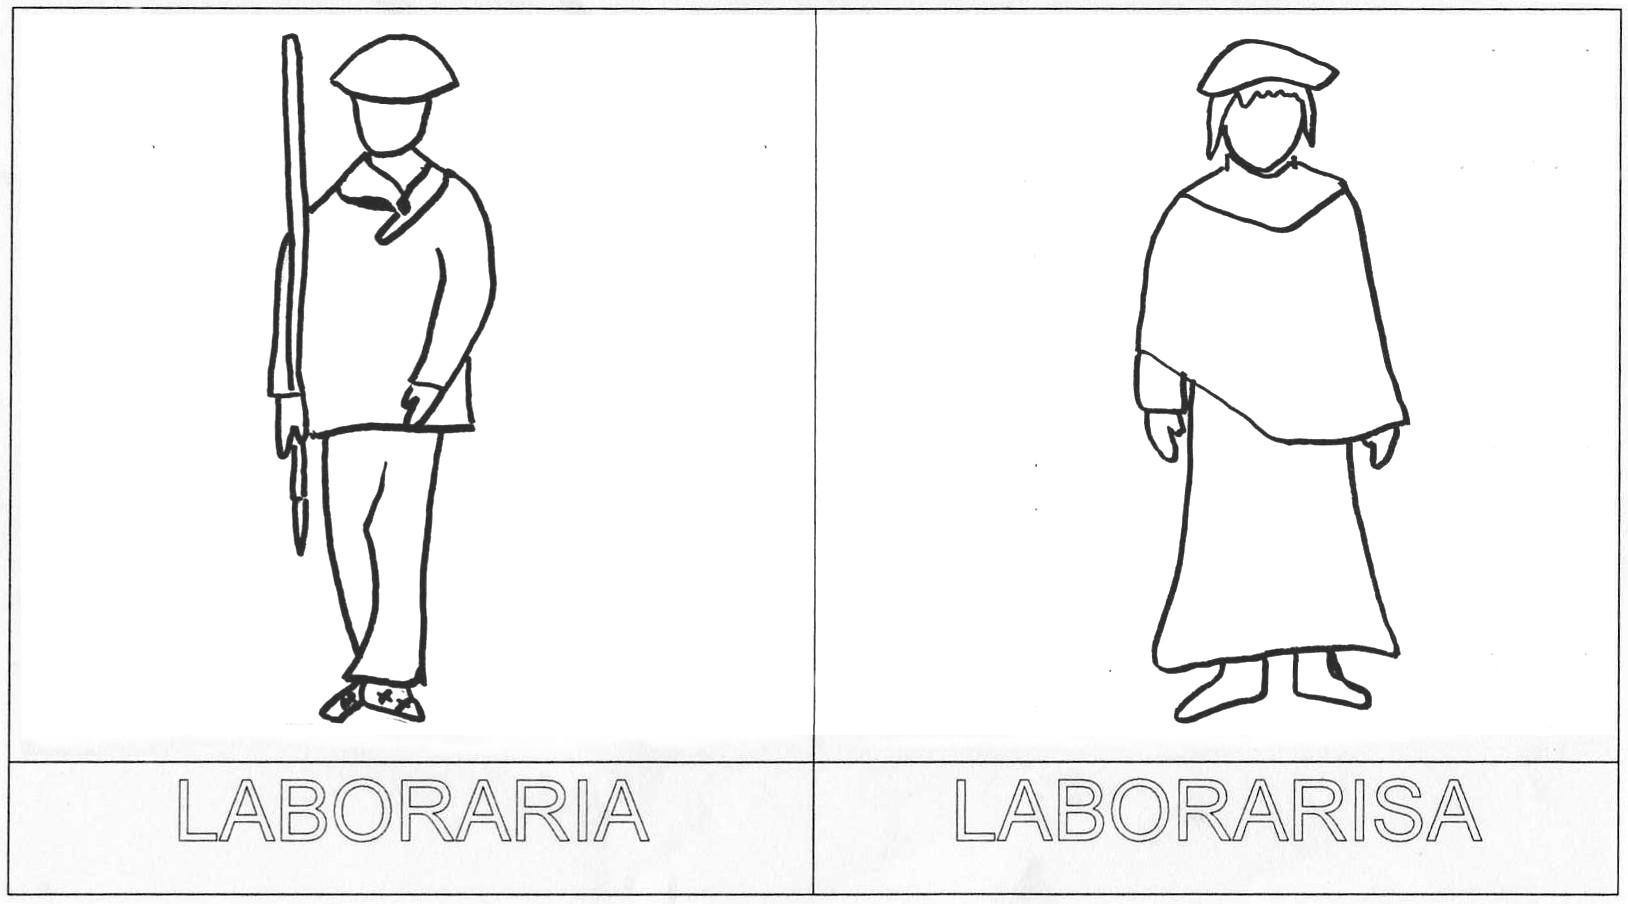 Laboraria eta Laborarisa